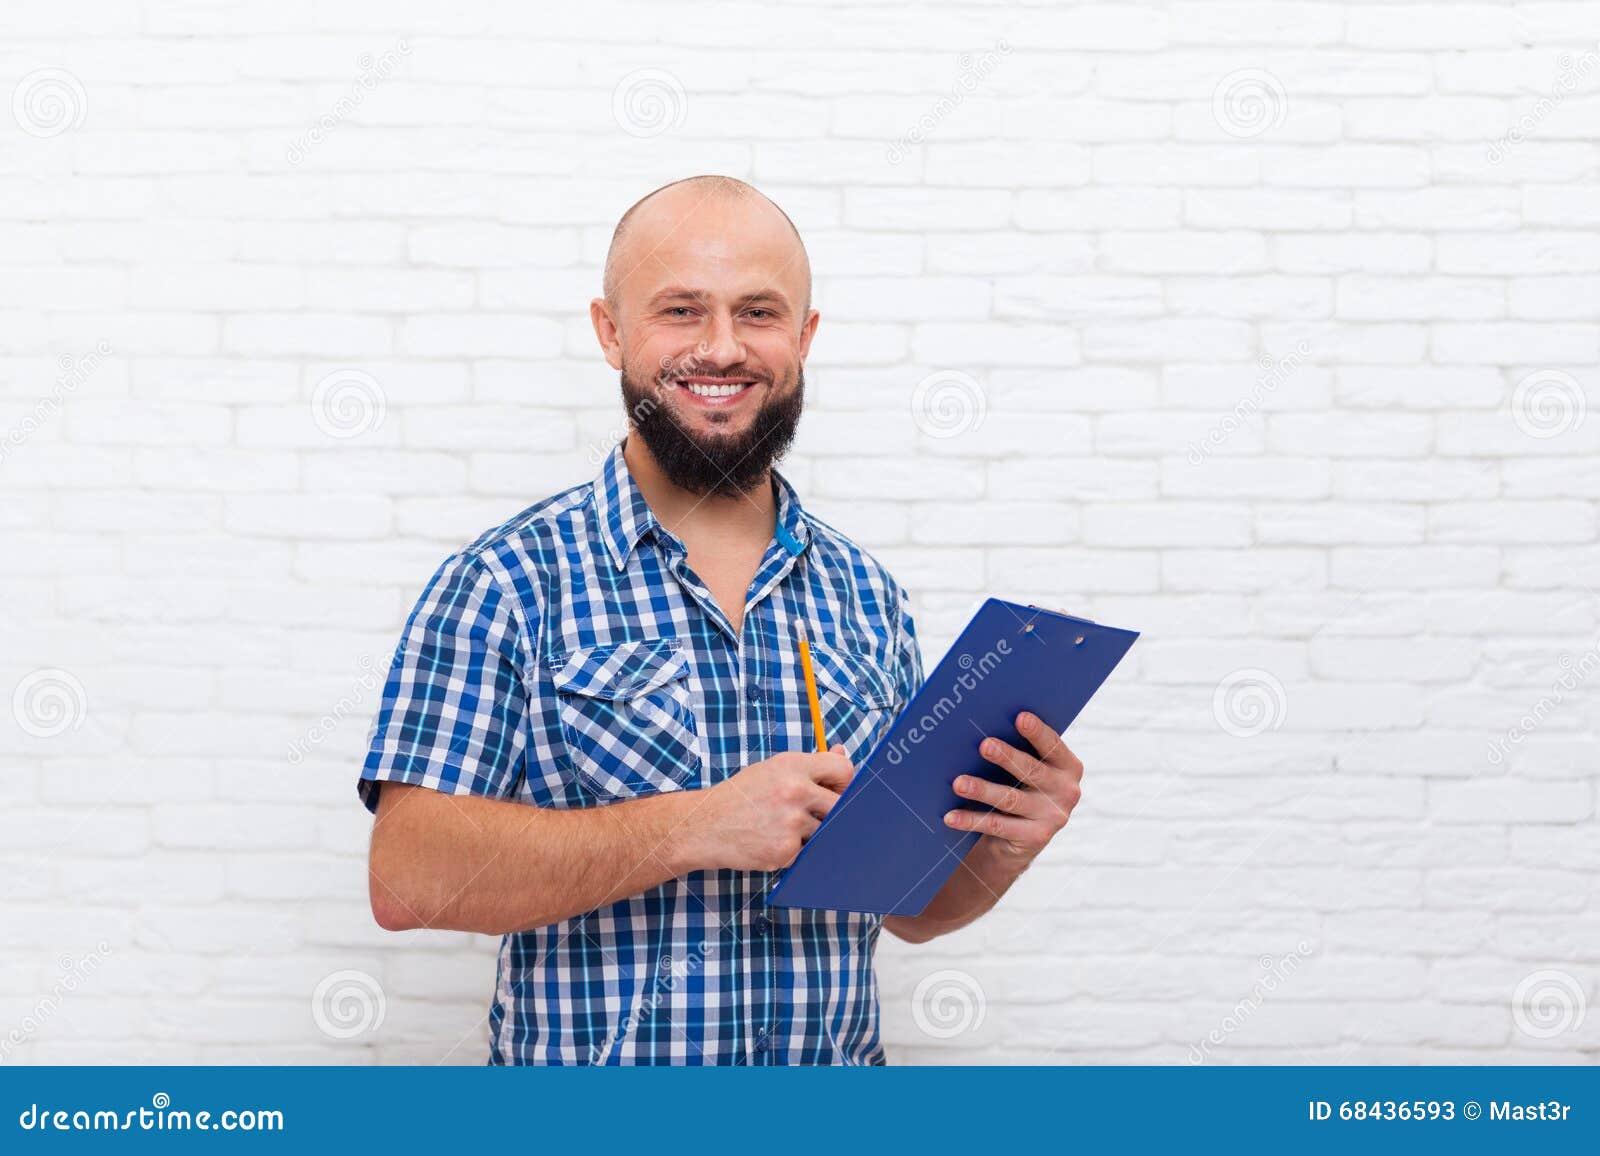 Tillfälligt skäggigt dokument för blyertspenna för mapp för affärsman som hållande skriver lyckligt leende